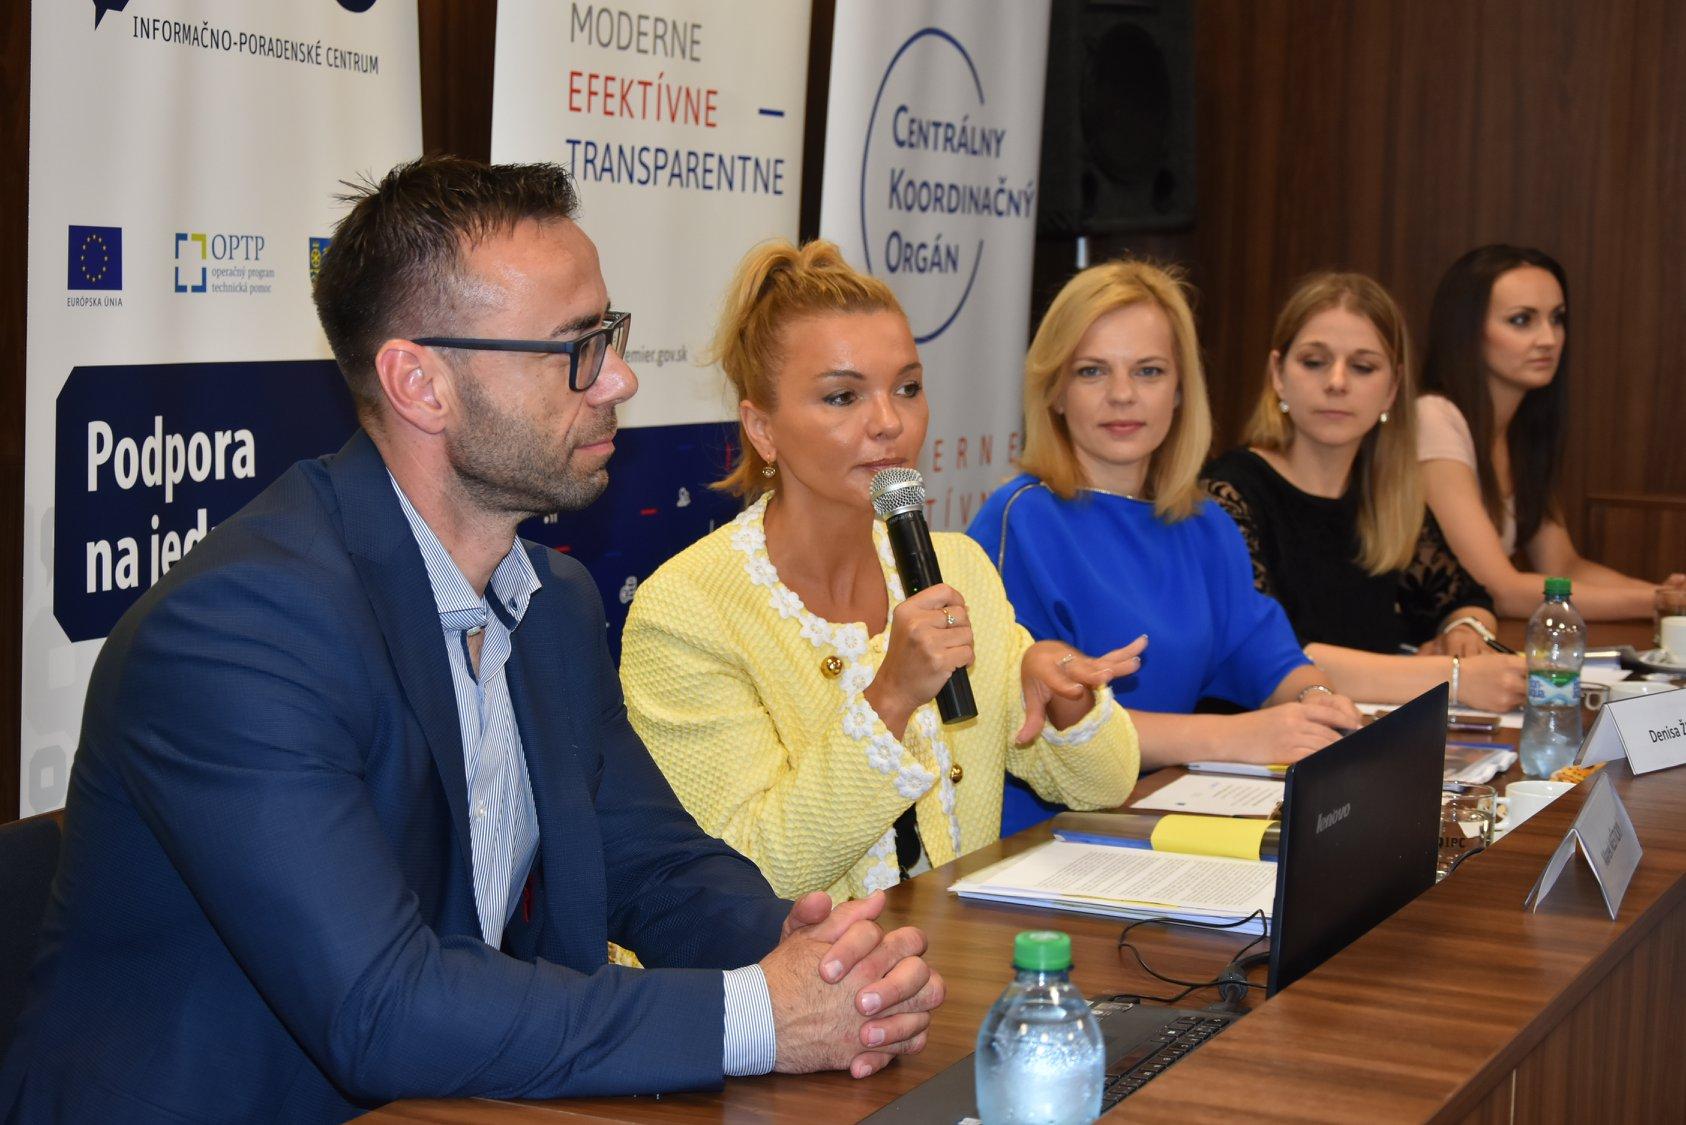 O info dni k priamo riadeným programom EÚ bol veľký záujem, prišlo takmer 250 záujemcov